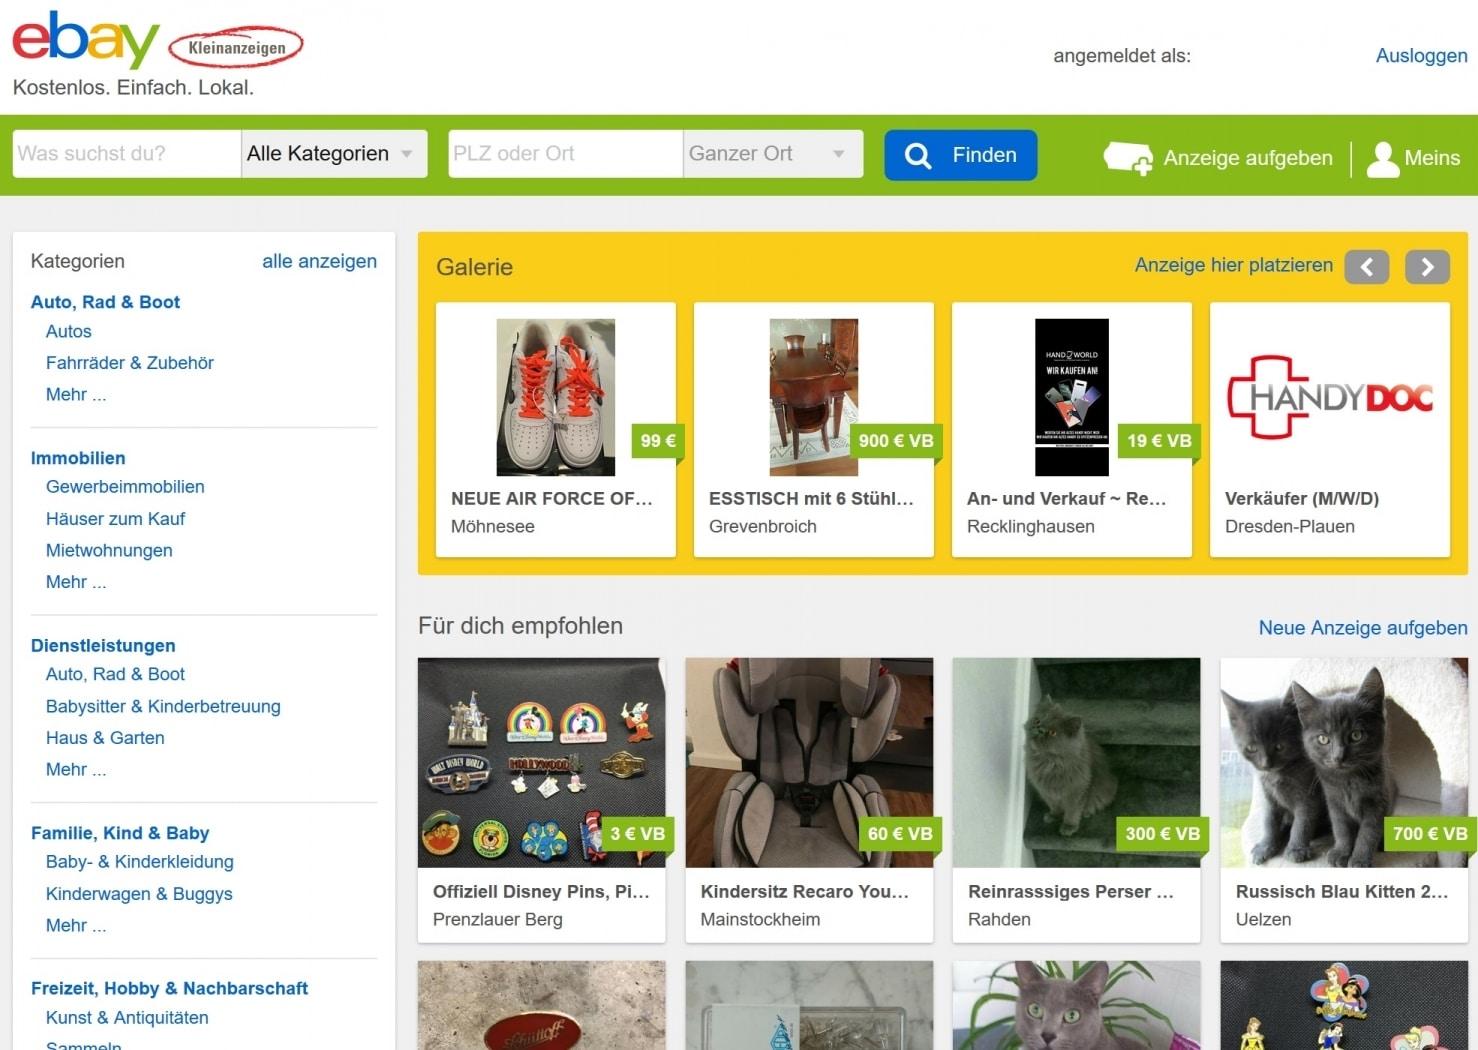 ebay-Kleinanzeigen 1 Vergleich